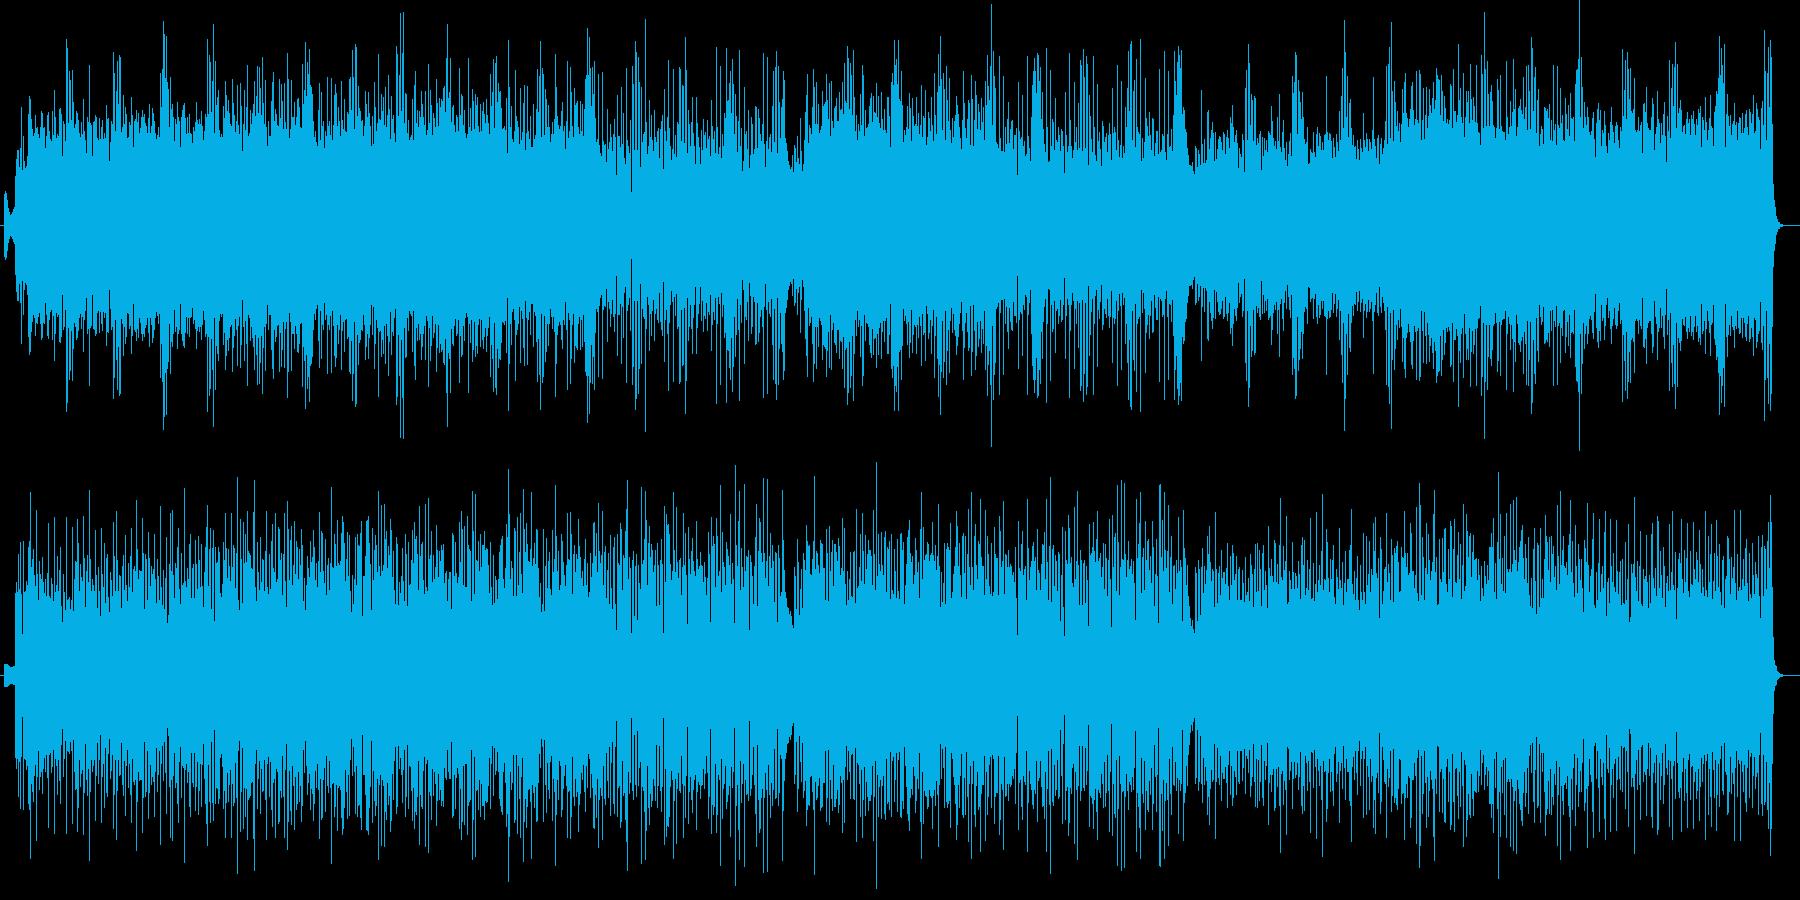 疾走感とリズミカルなシンセサイザー曲の再生済みの波形